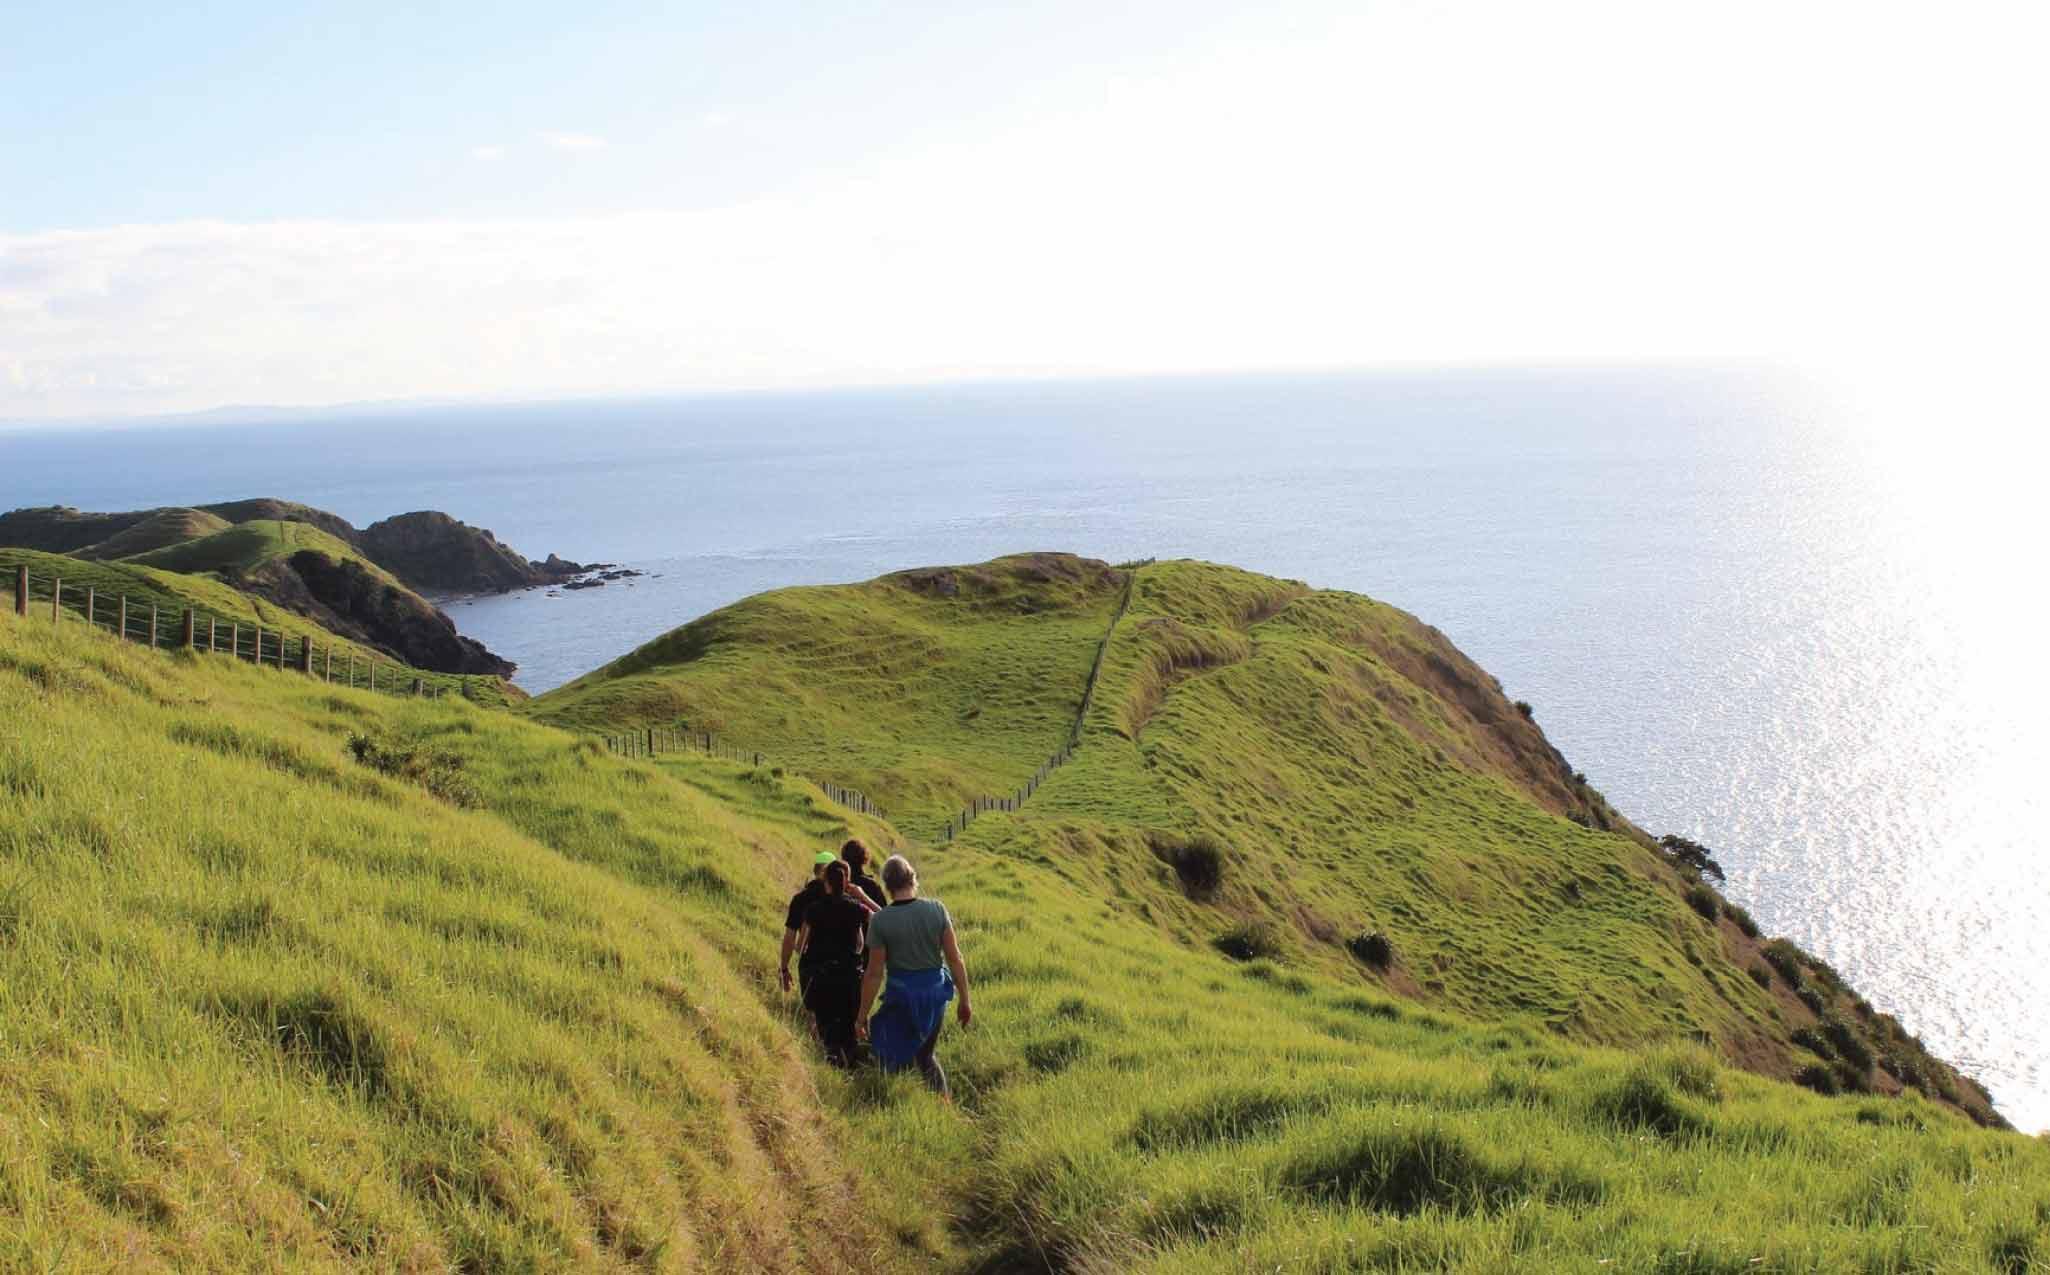 The Coromandel Coastal Walkway